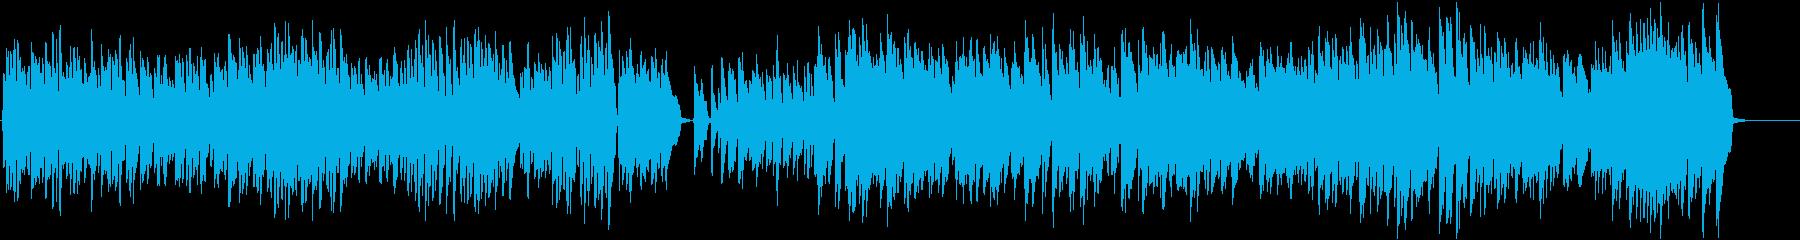 クラシックでピアノでスピード感が欲しい時の再生済みの波形